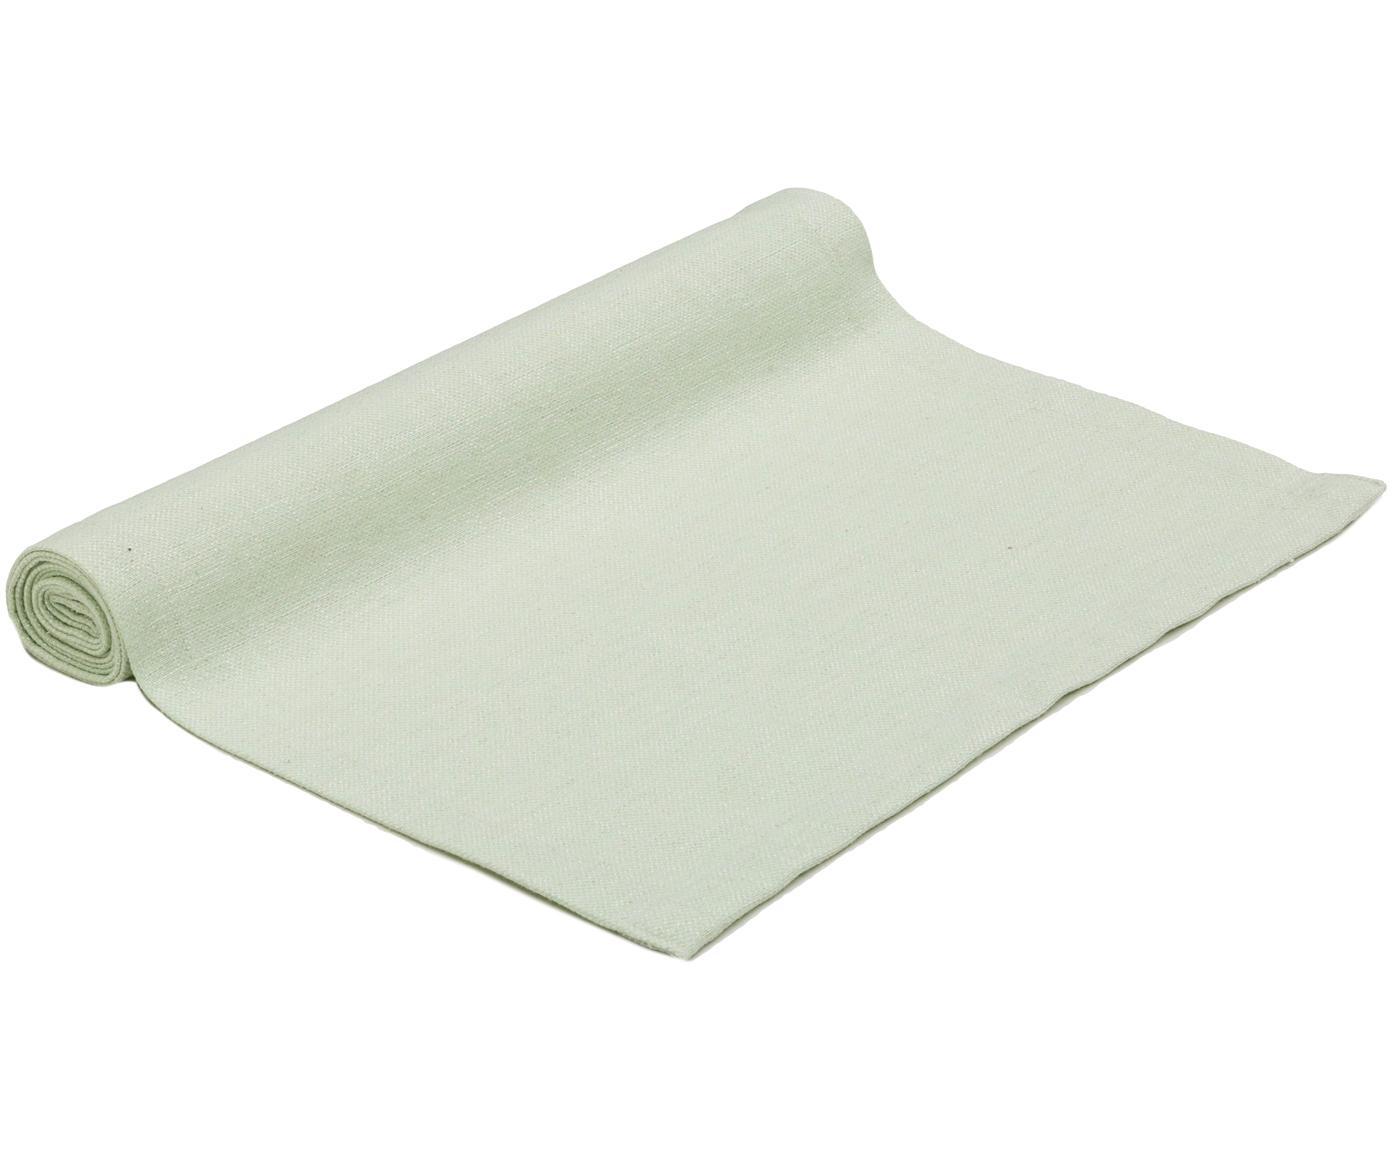 Tischläufer Riva, 55%Baumwolle, 45%Polyester, Pastellgrün, 40 x 150 cm